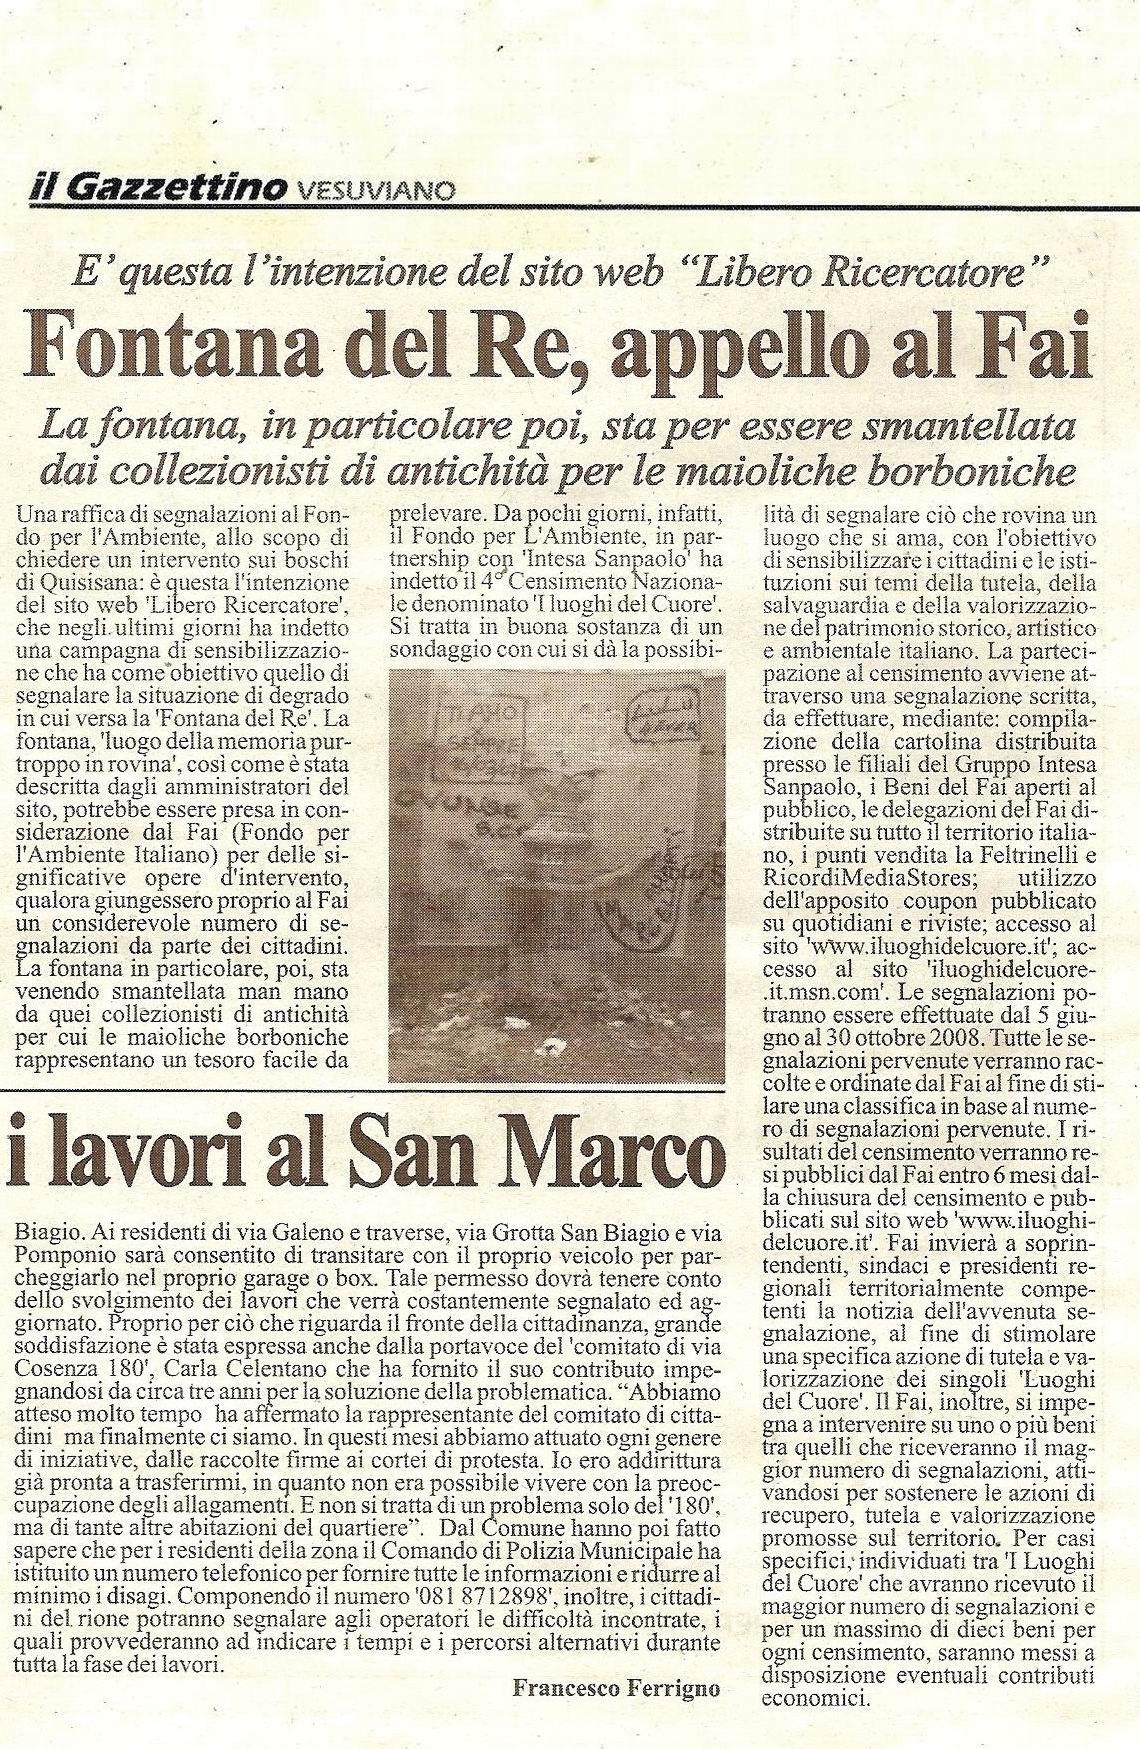 Il Gazzettino Vesuviano – Francesco Ferrigno (19 giugno 2008)